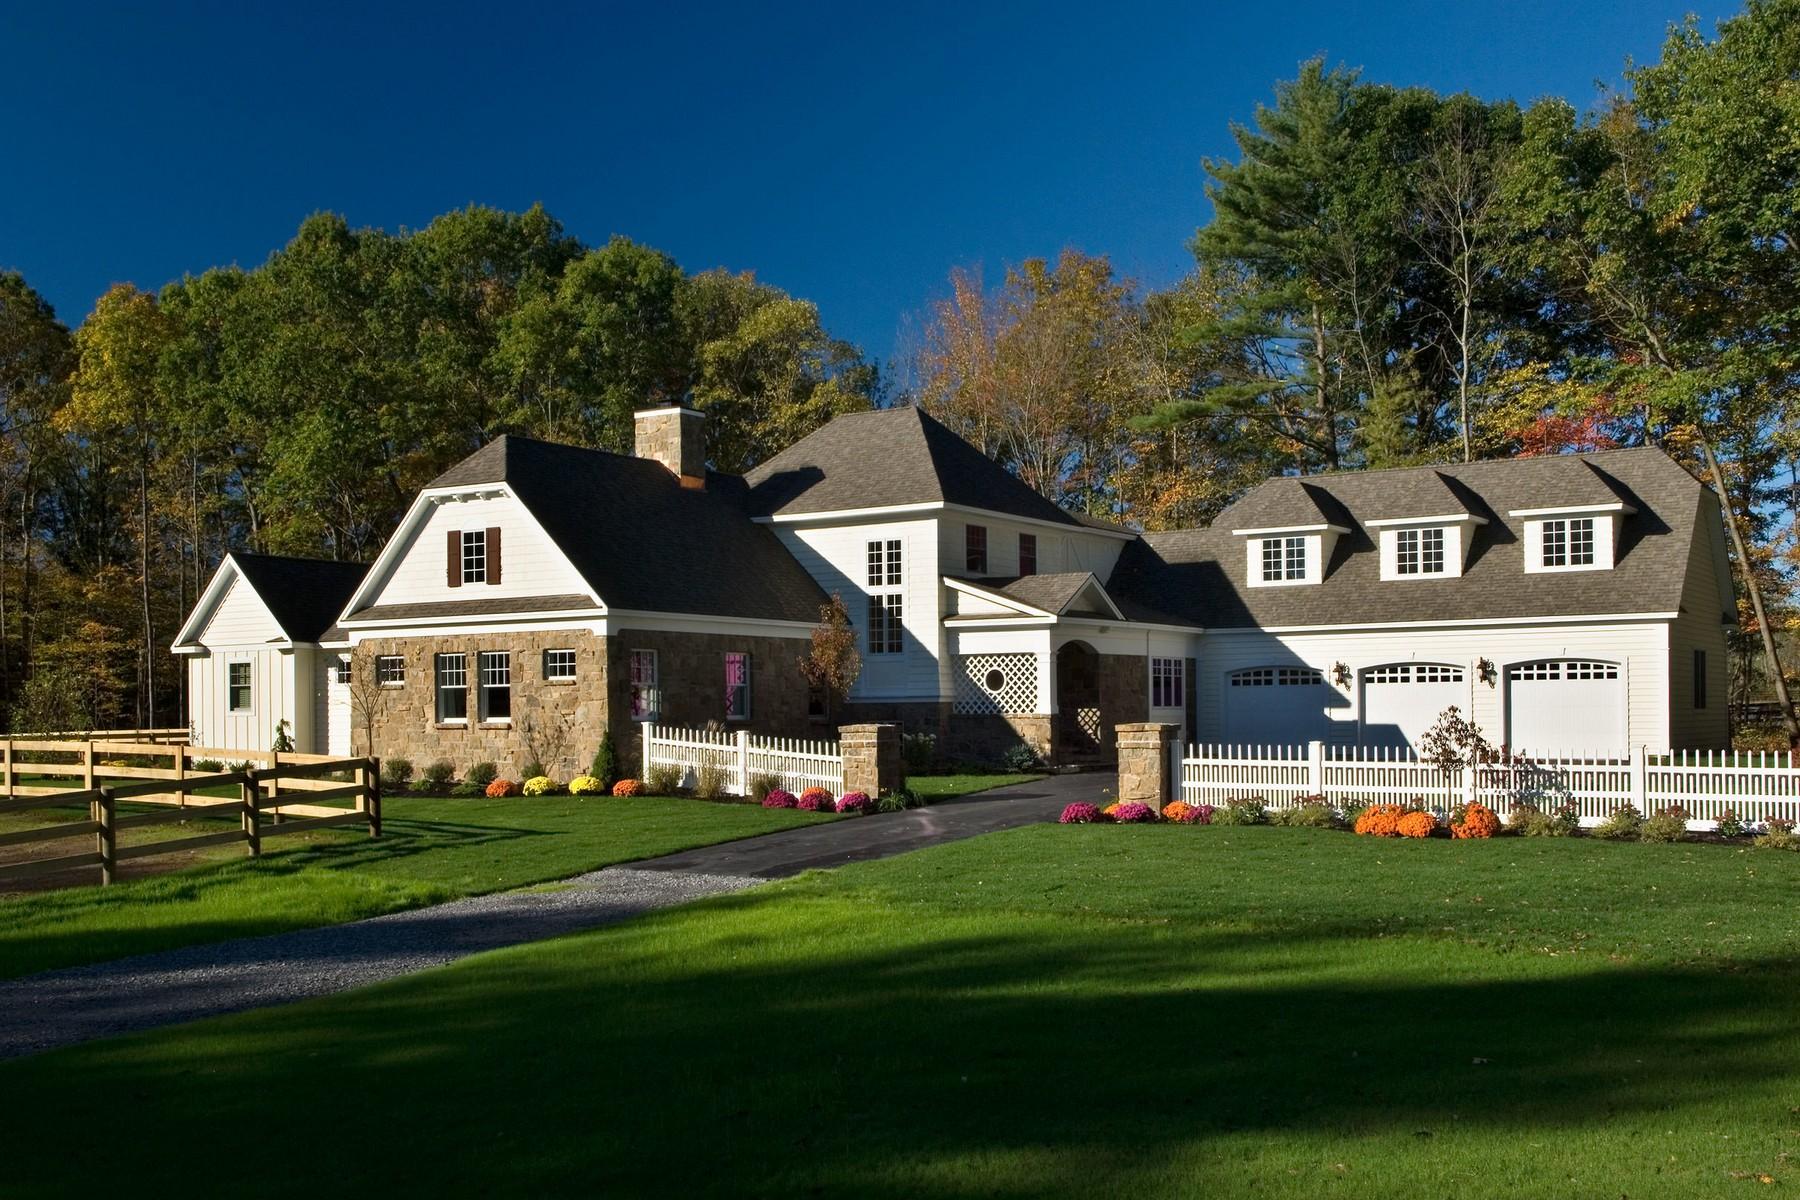 Anderer Wohnungstyp für Verkauf beim The Saratoga Farm-Equestrian New Construction Lot 4 Saratoga Farm Rd Malta, New York 12020 Vereinigte Staaten